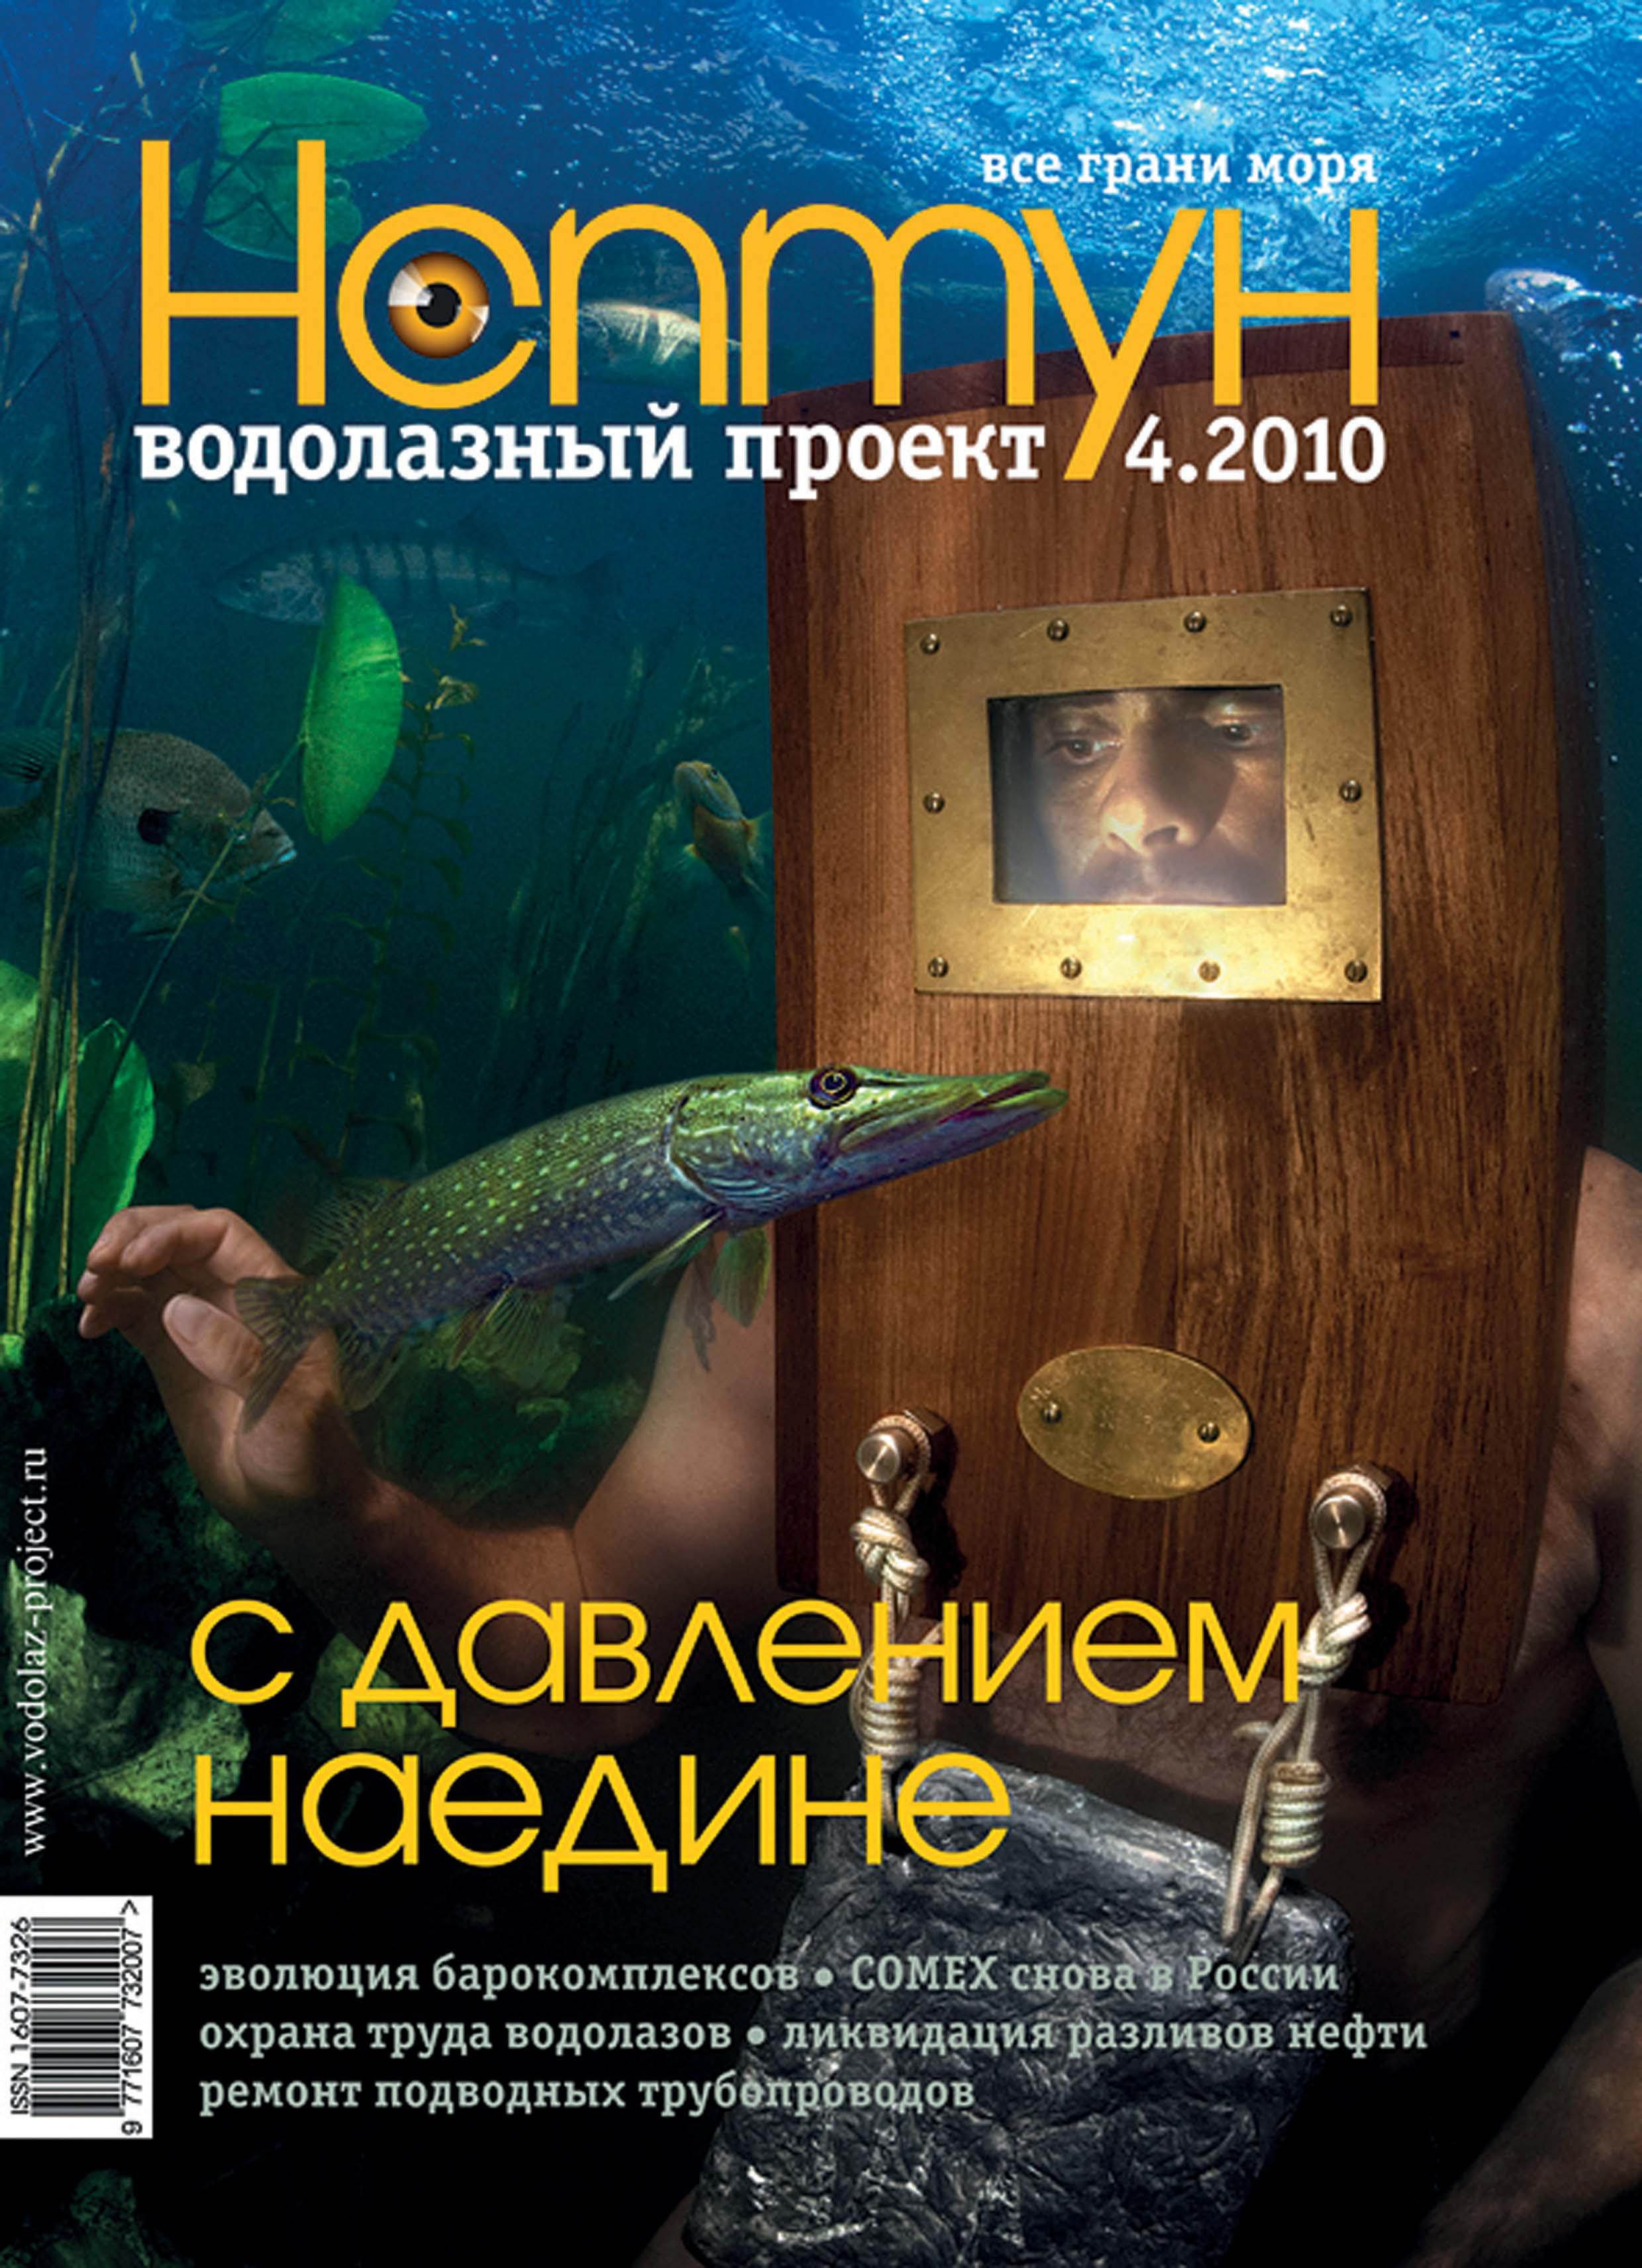 Нептун №4/2010